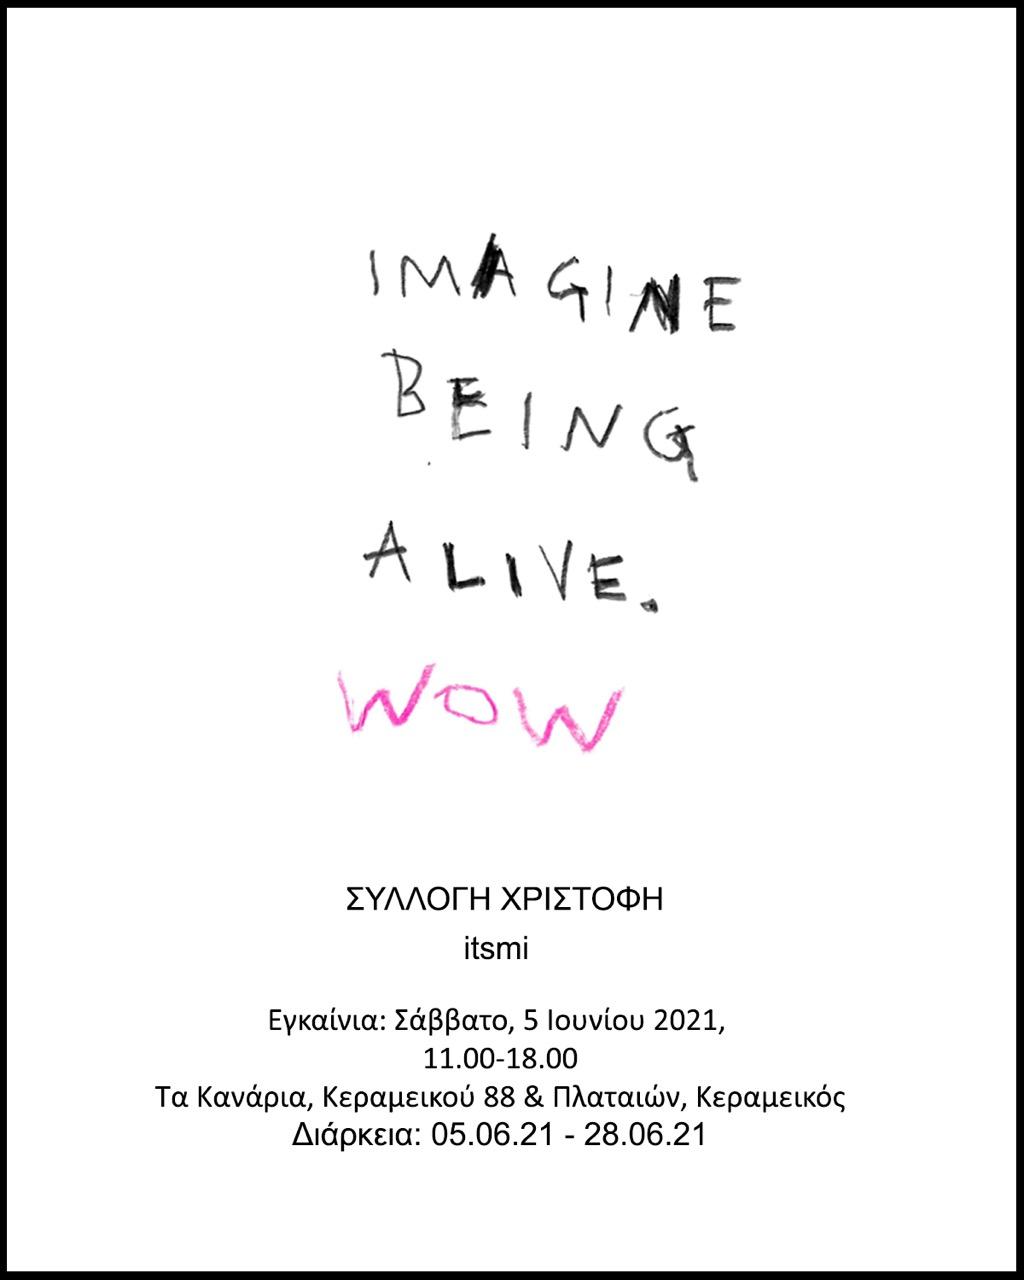 ITSMI: Imagine Being Alive, Wow!,